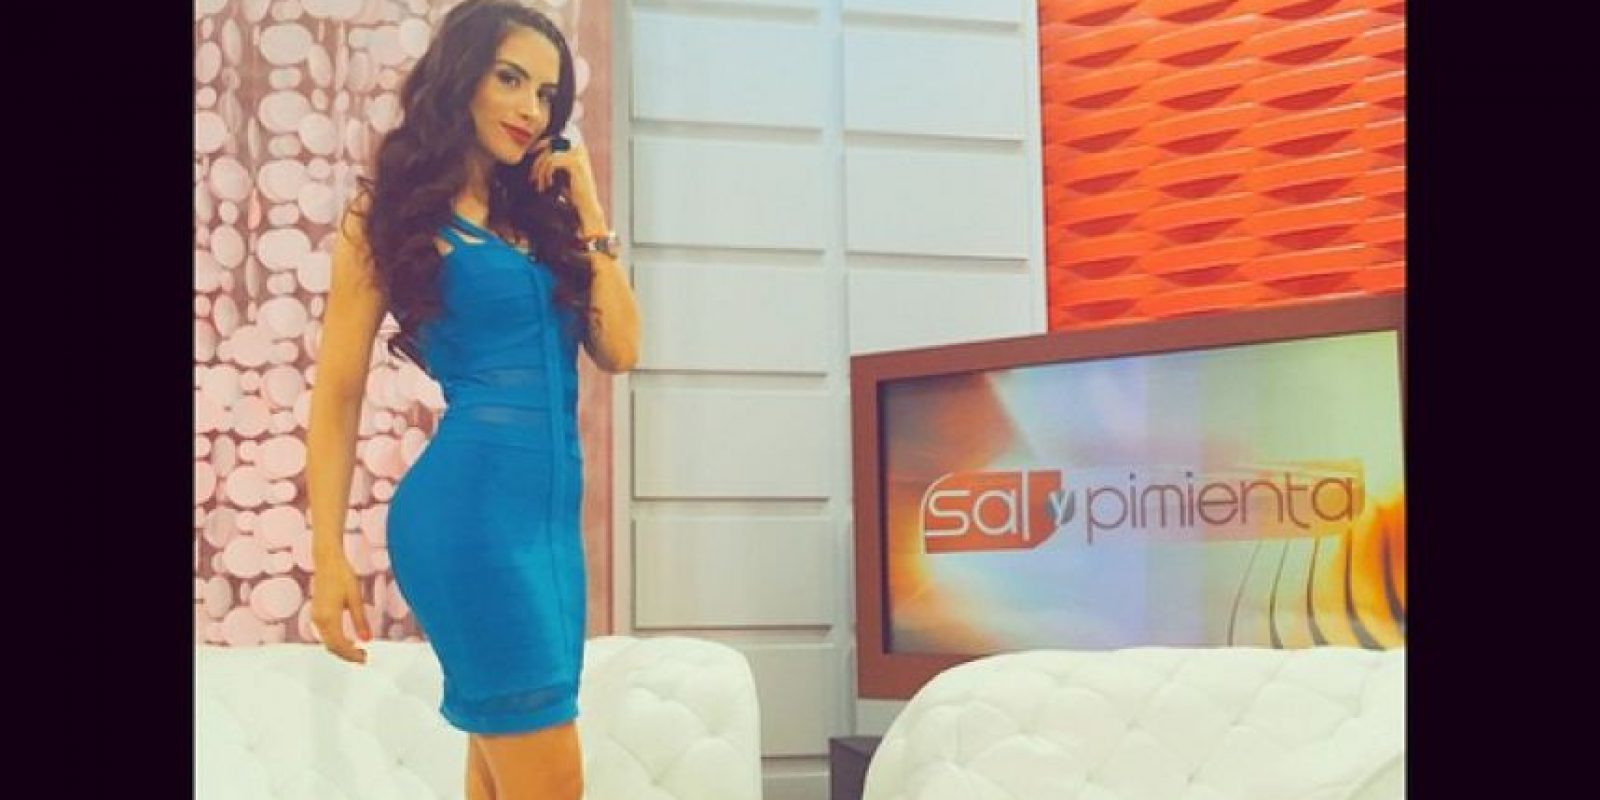 Cediel ahora luce más sensual y para su programa usa vestidos ceñidos al cuerpo. Foto:Instagram Jessica Cediel